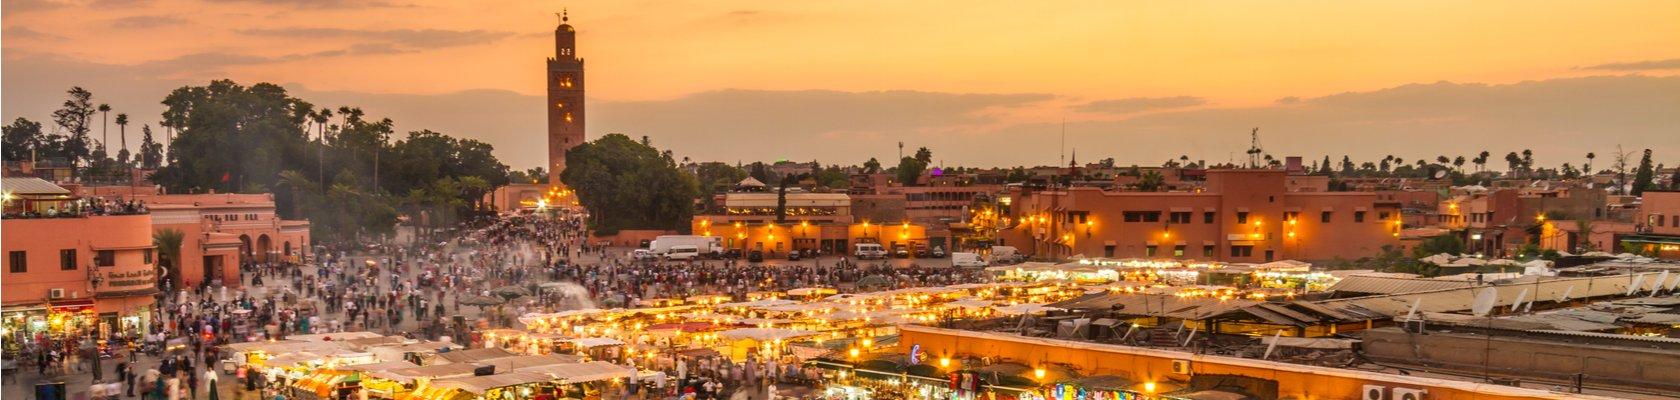 Djemaa el Fna plein, Marrakech